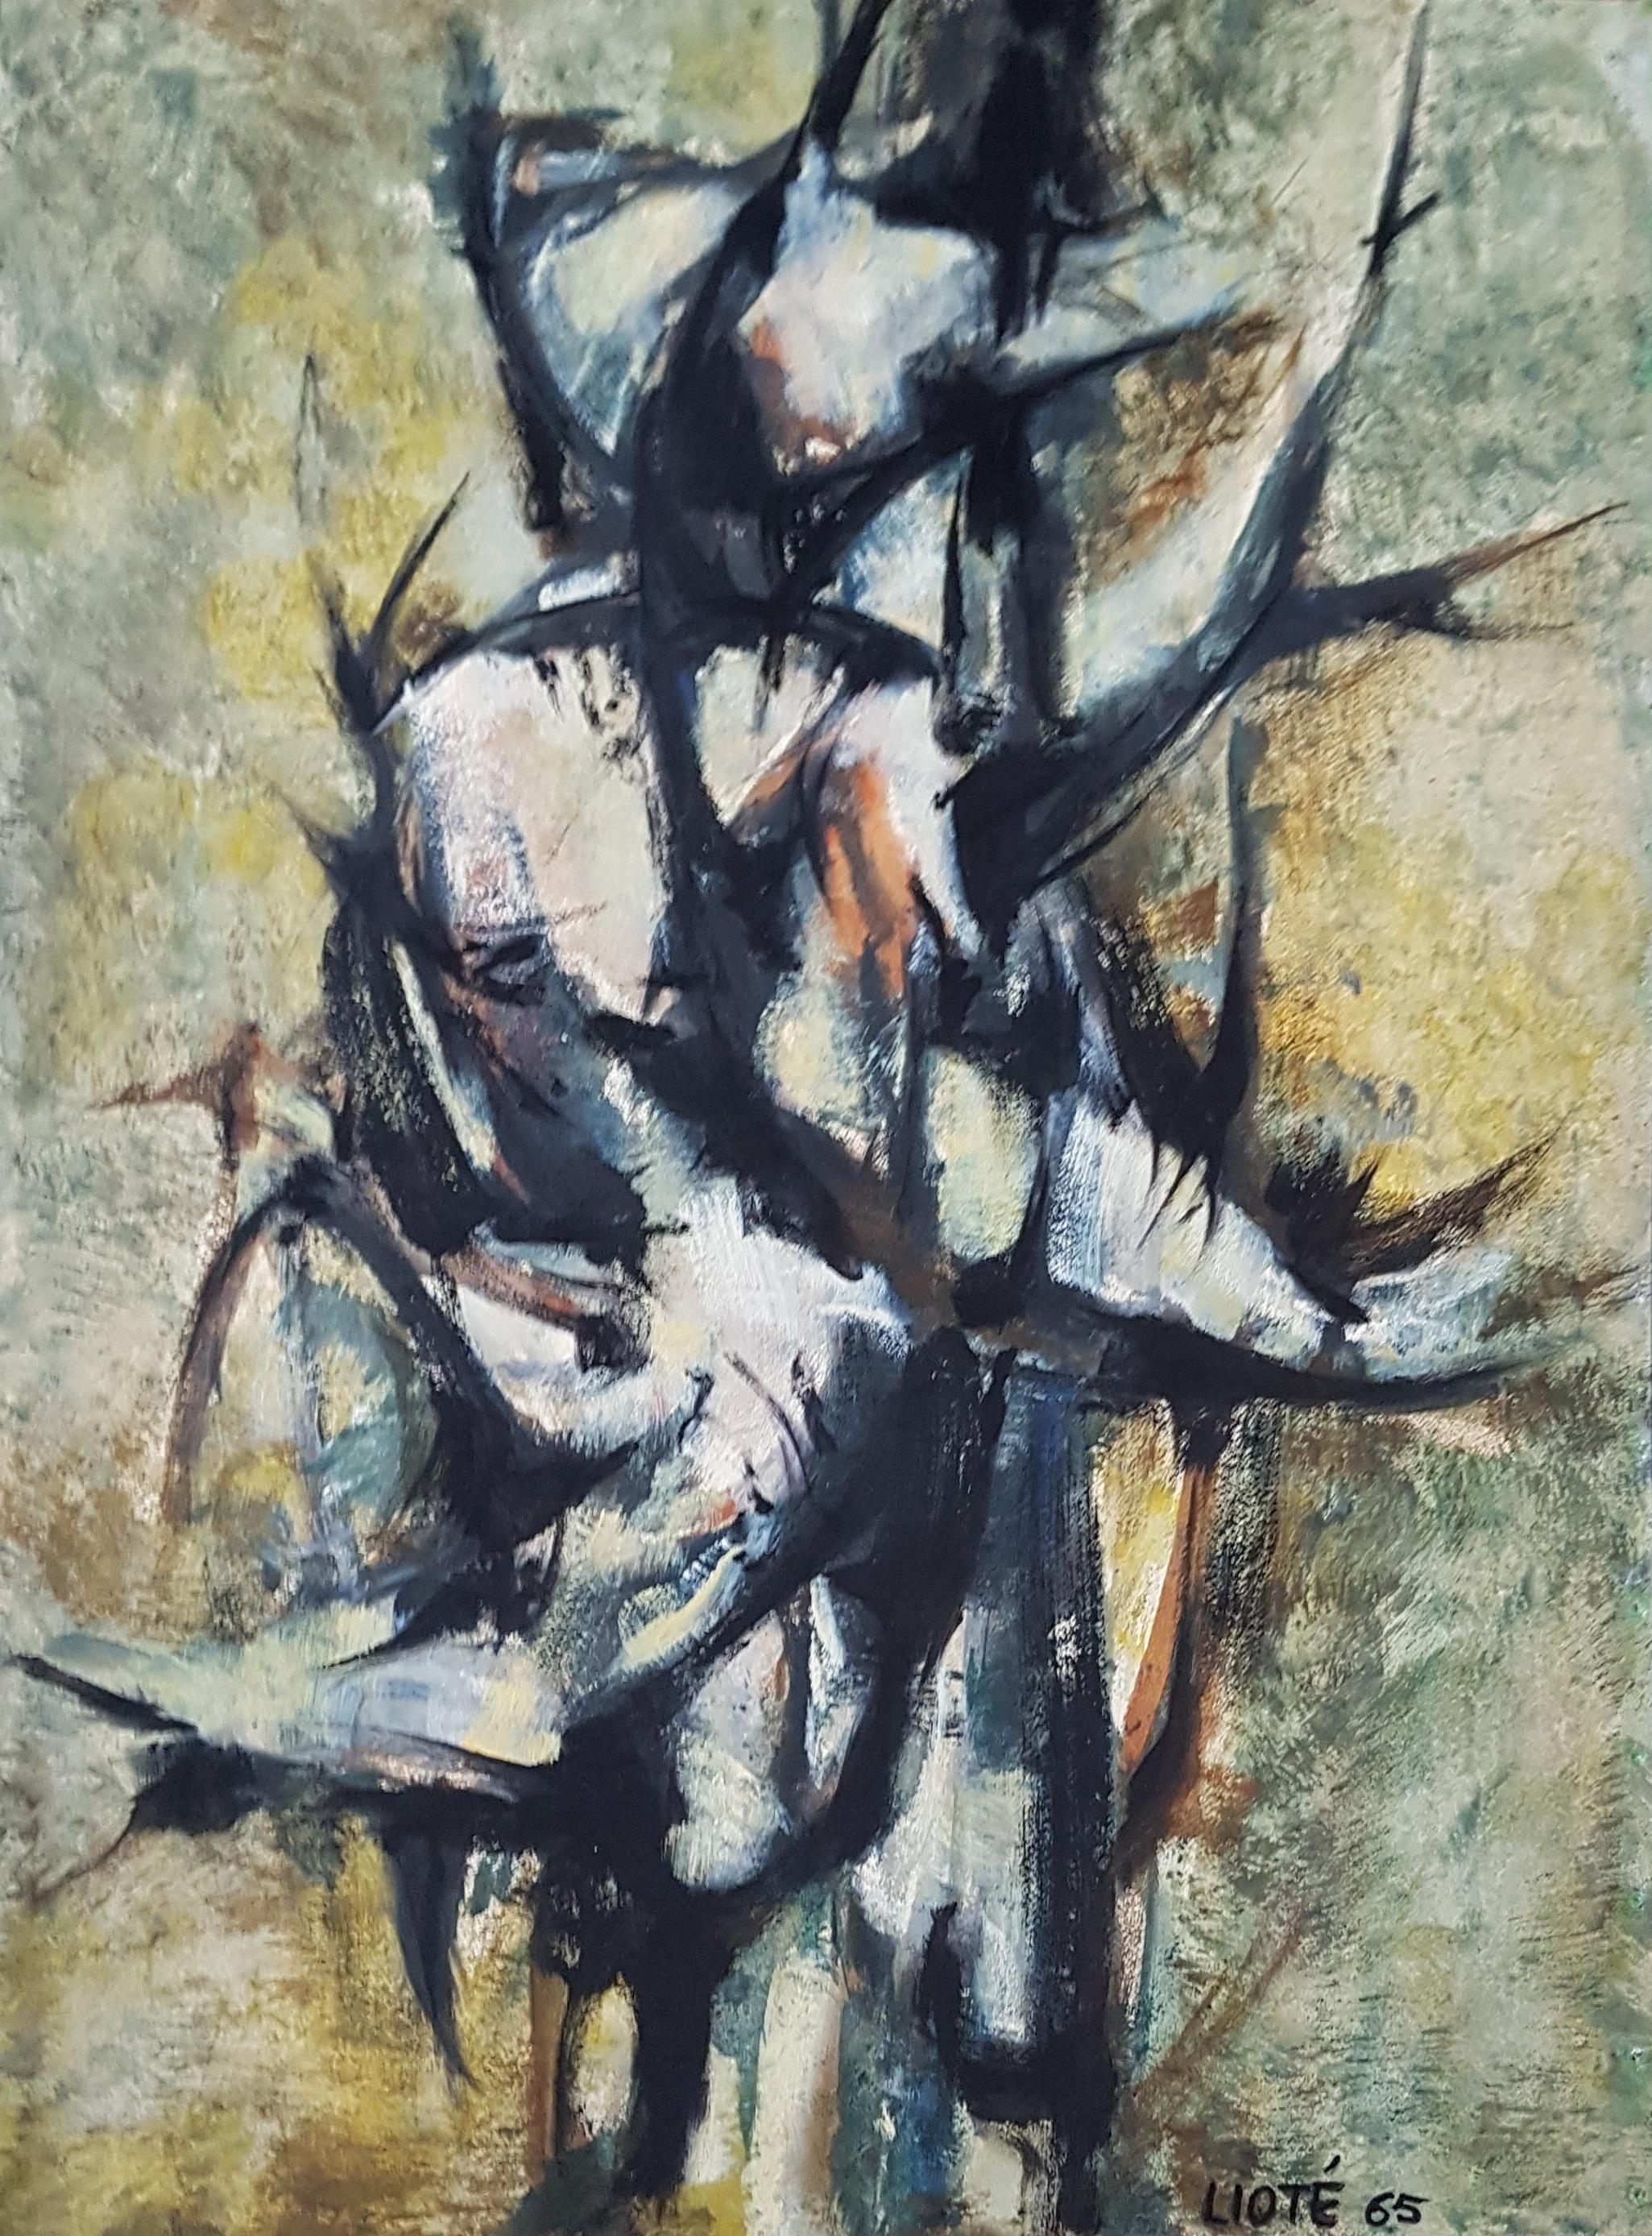 Huile sur toile - 1965 - 75 x 54,5 - N°6